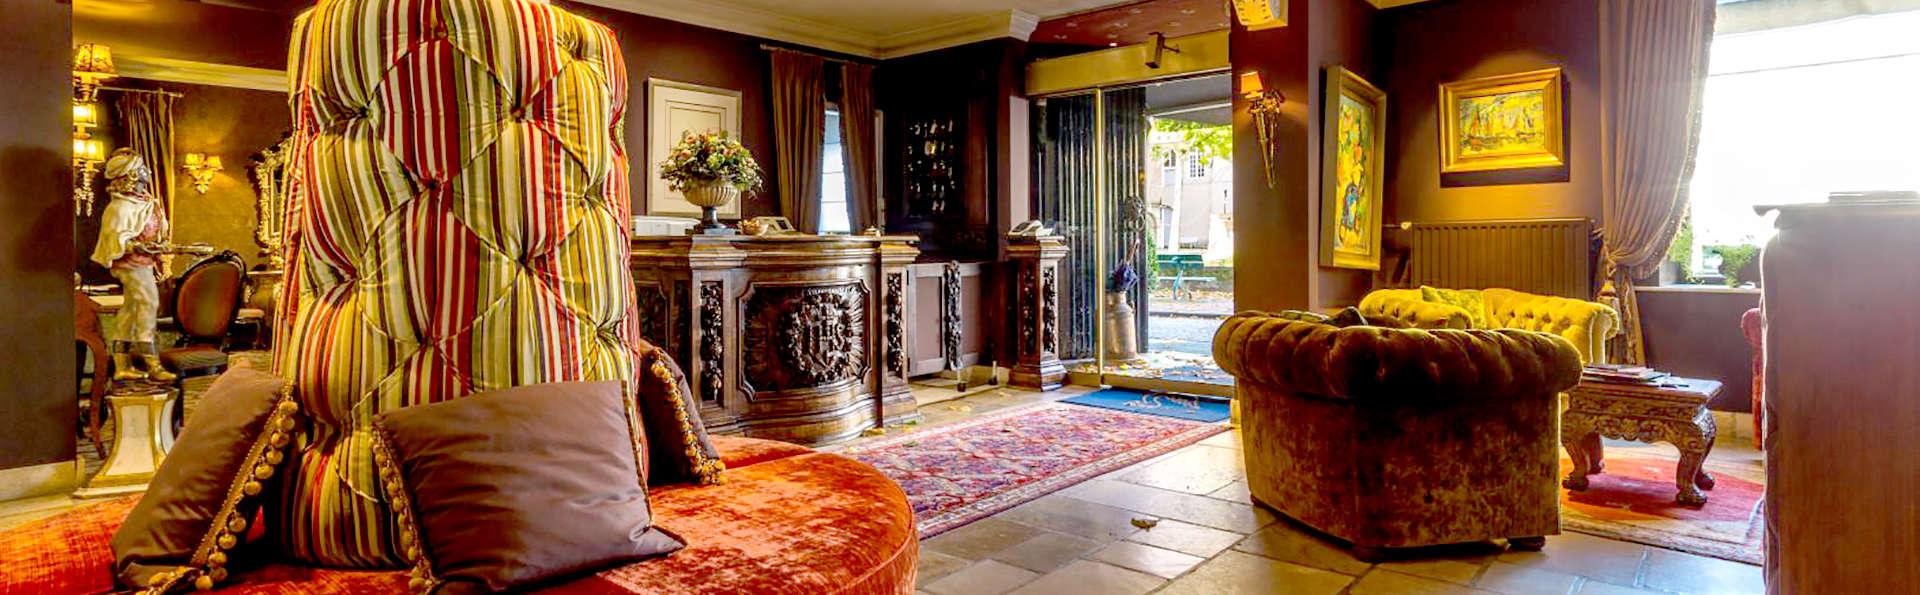 Hotel Die Swaene - EDIT_NEW_RECEPTION.jpg